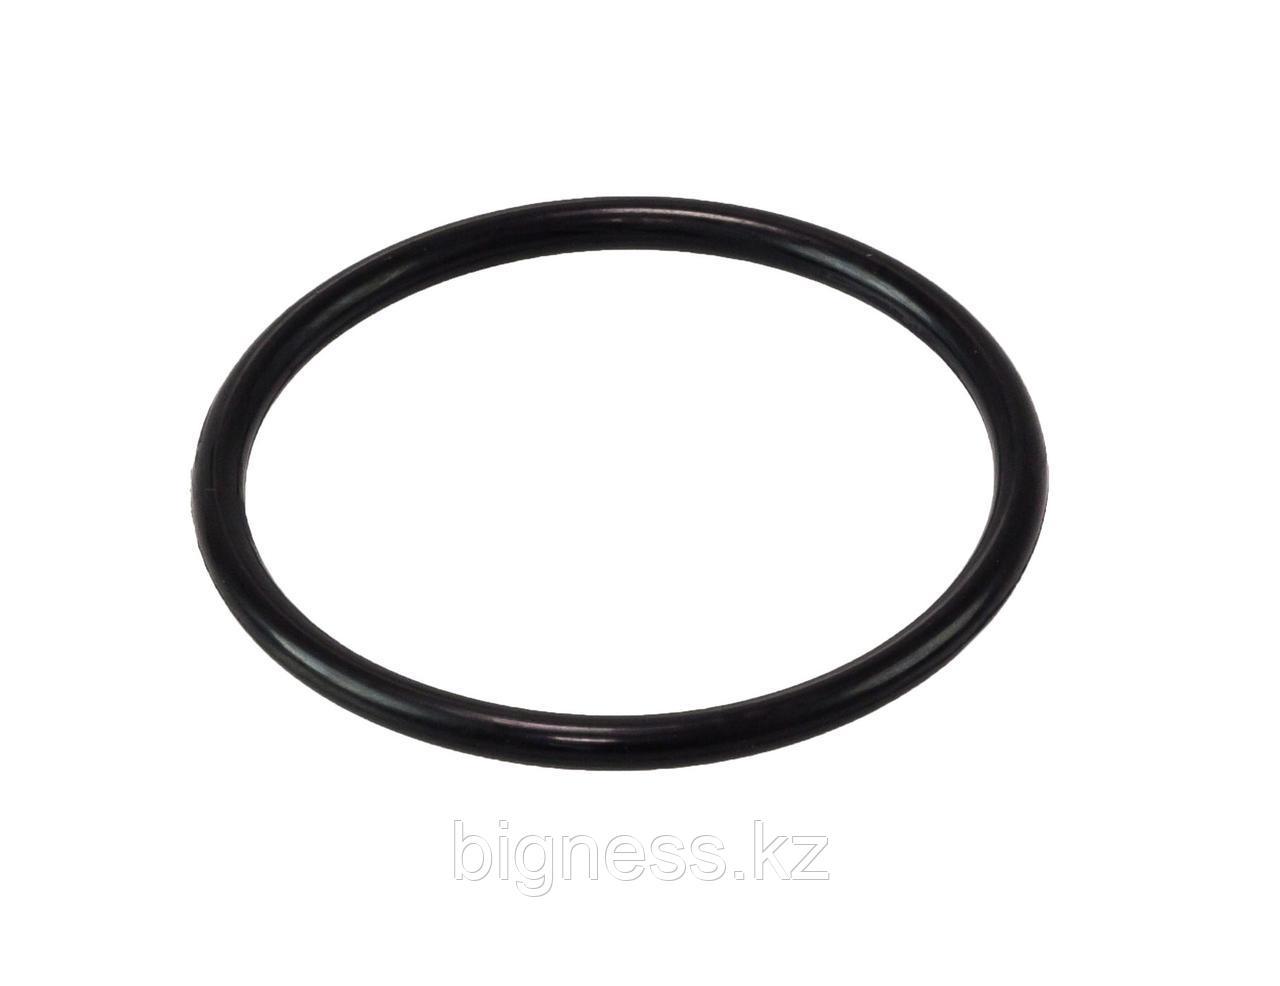 Прокладка кольцевая №46 (№04851290) для расходомер LPG Yenen YGM пропан-бутан